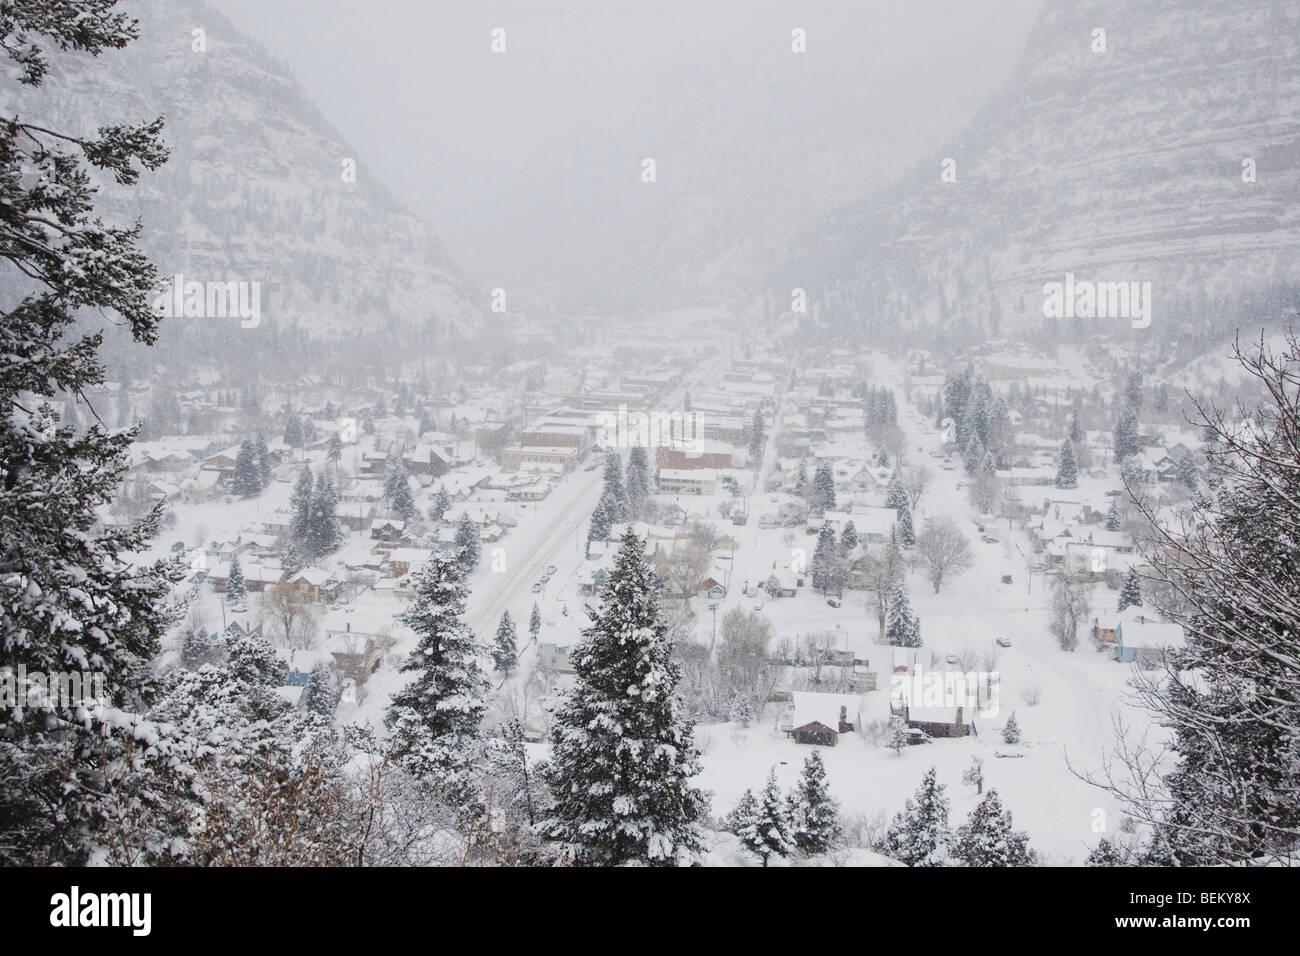 Ouray in winter, Ouray, Rocky Mountains, Colorado, USA - Stock Image